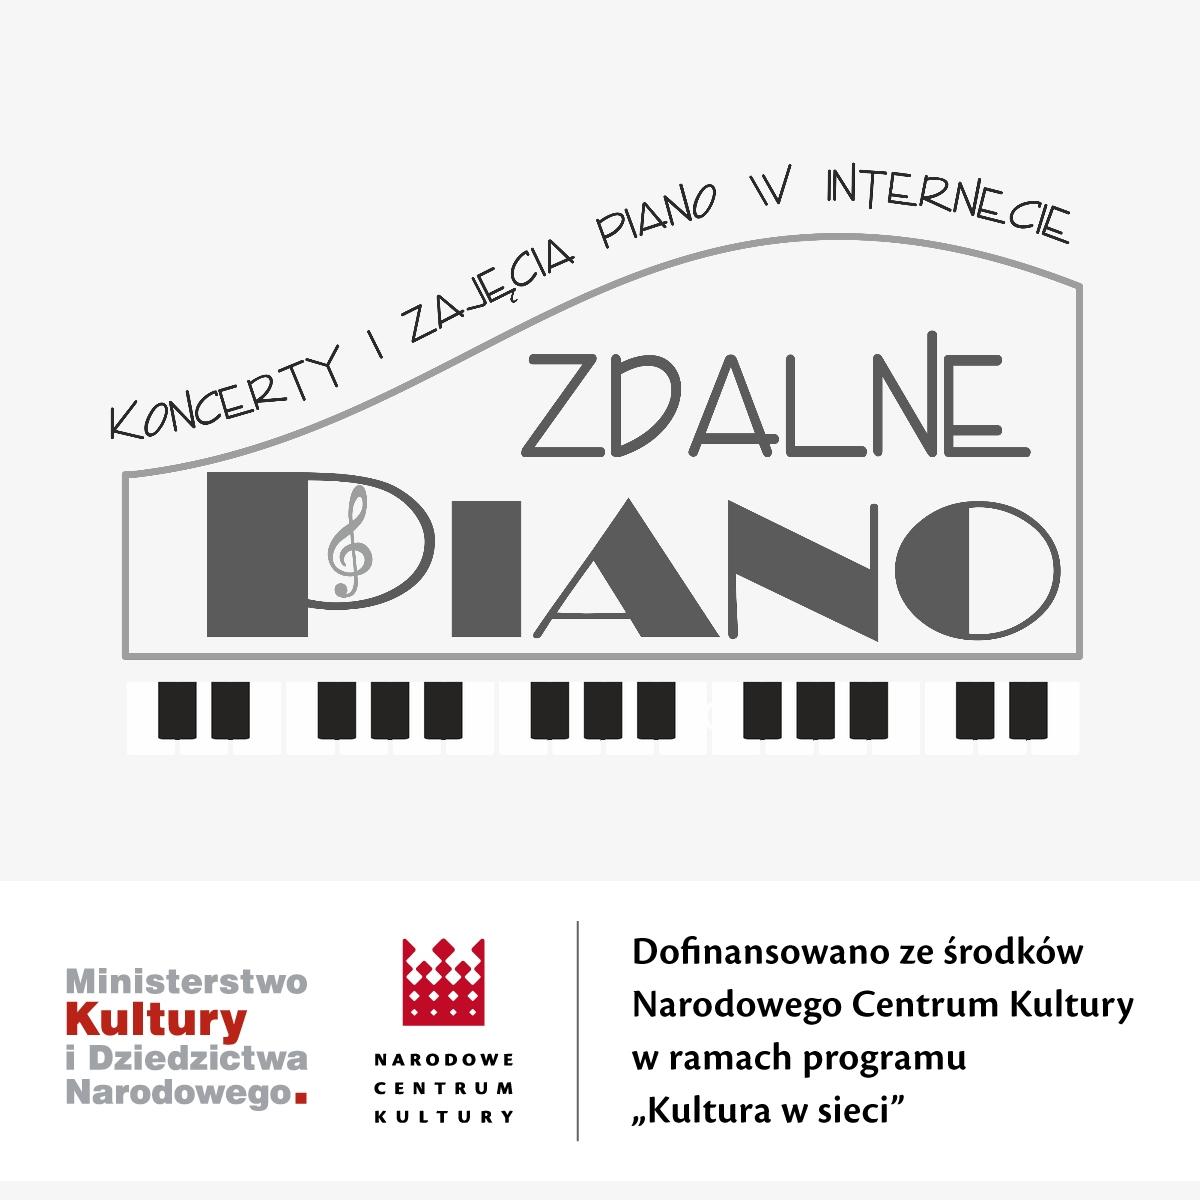 Zdalne Piano – koncerty i zajęcia piano w internecie #kulturawsieci